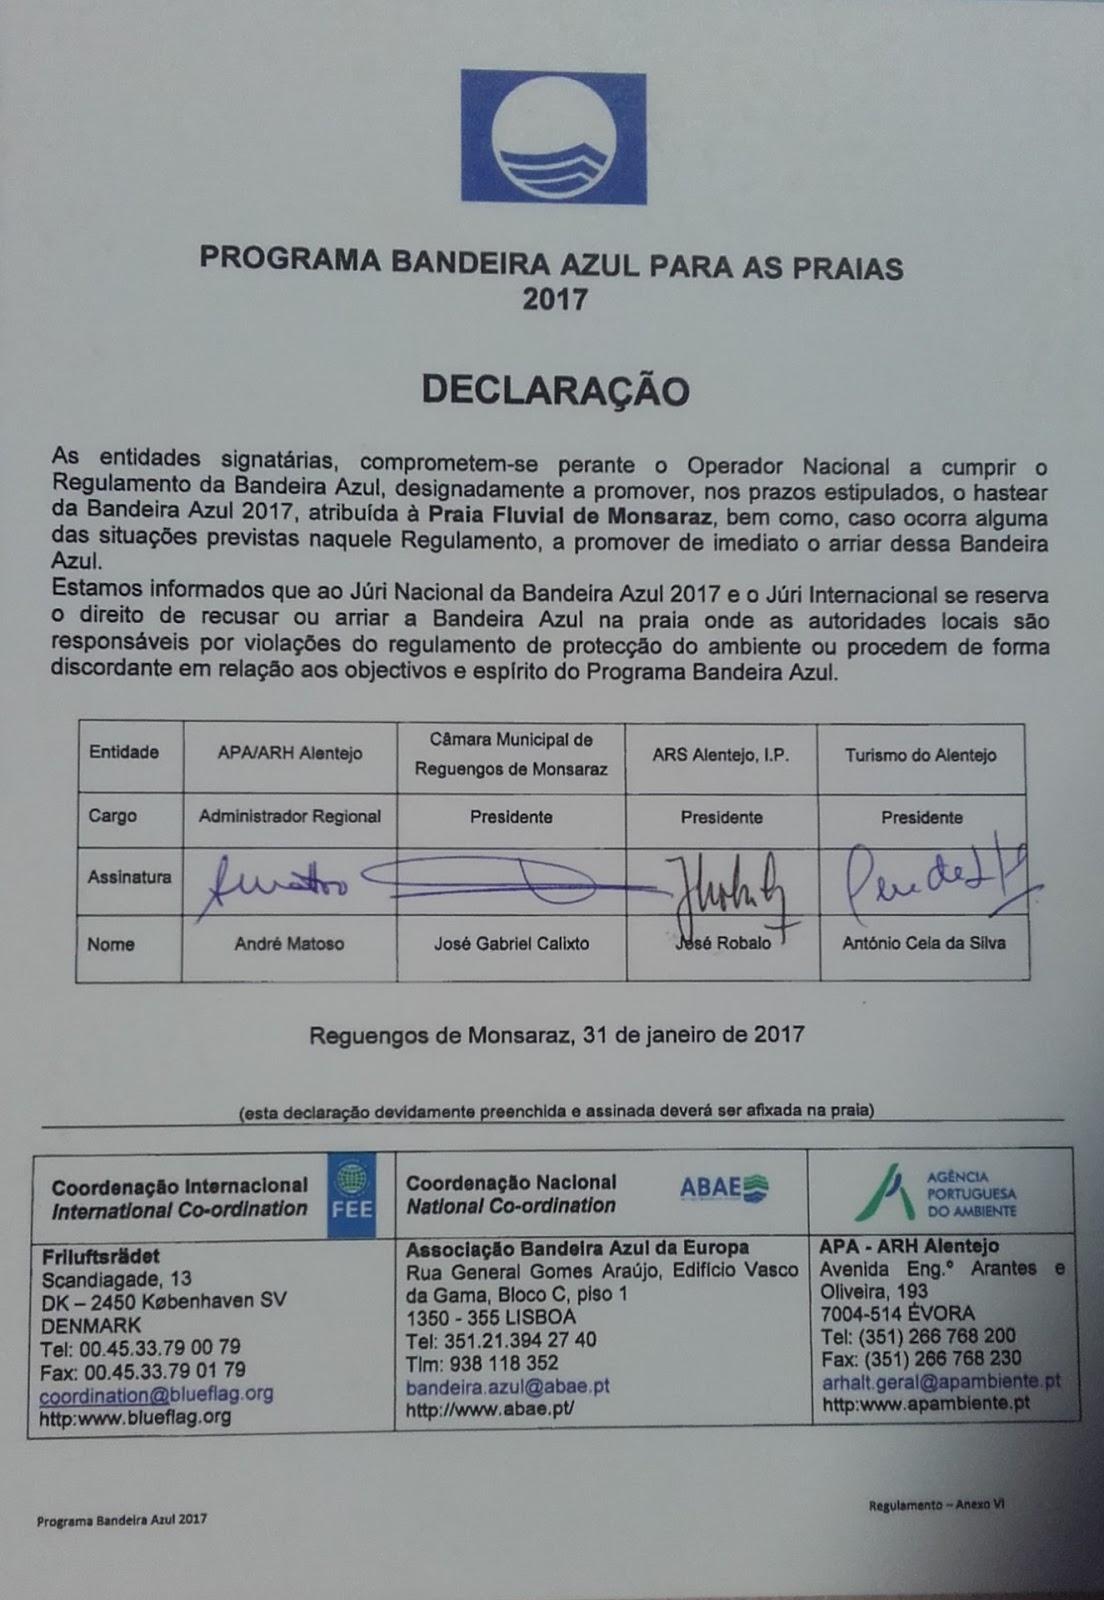 programa de bandeira azul -declaração de conformidade para a Praia fluvial de Monsaraz